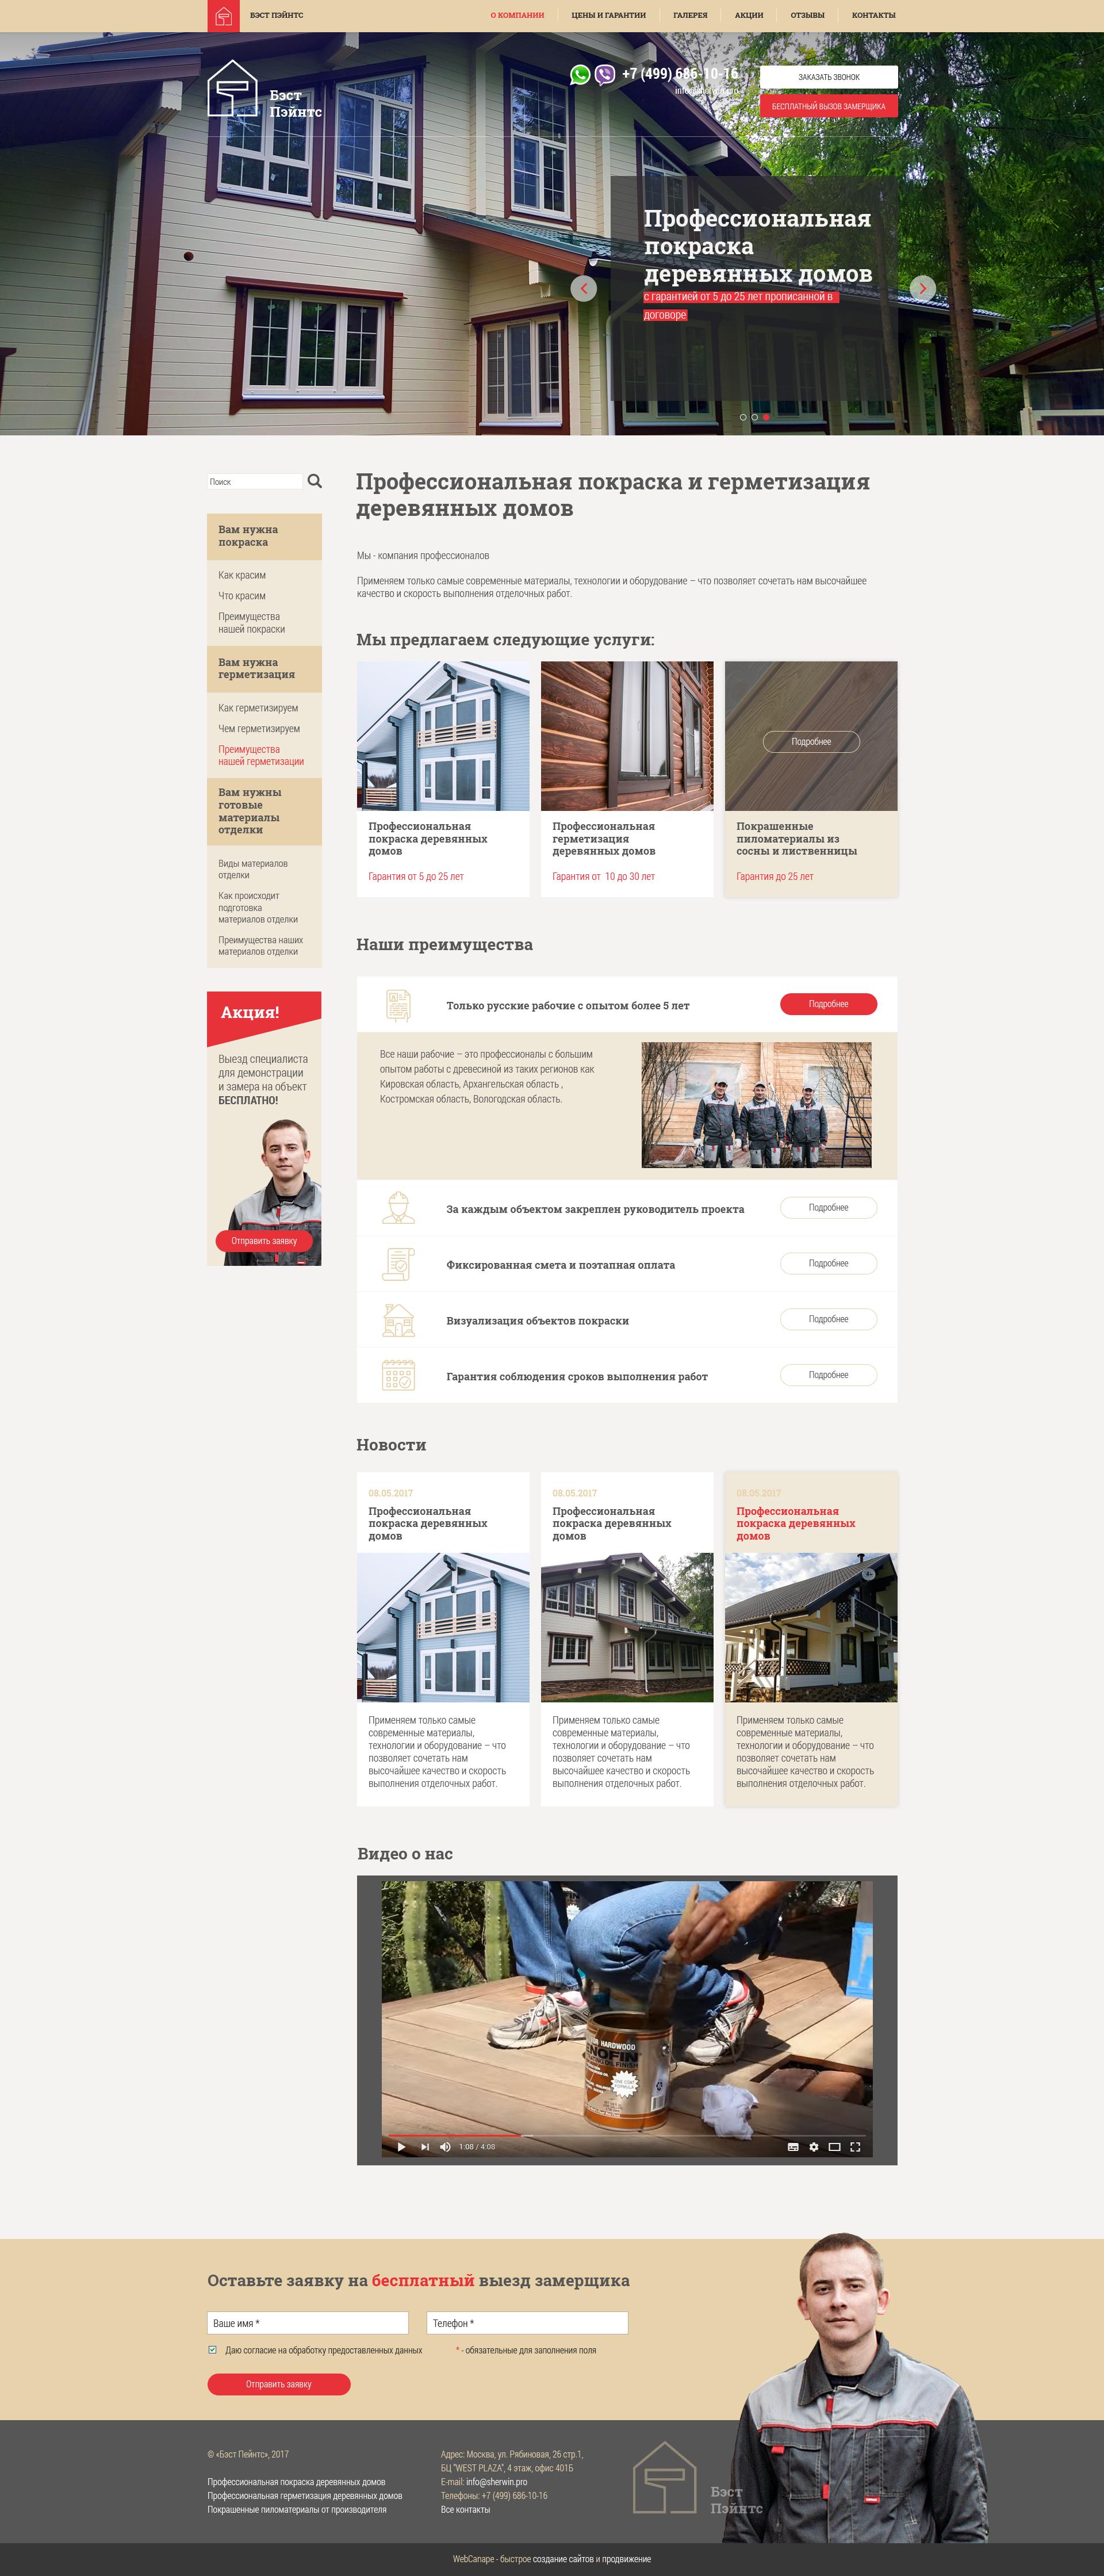 Разработка сайта профессиональной покраски и герметизации домов